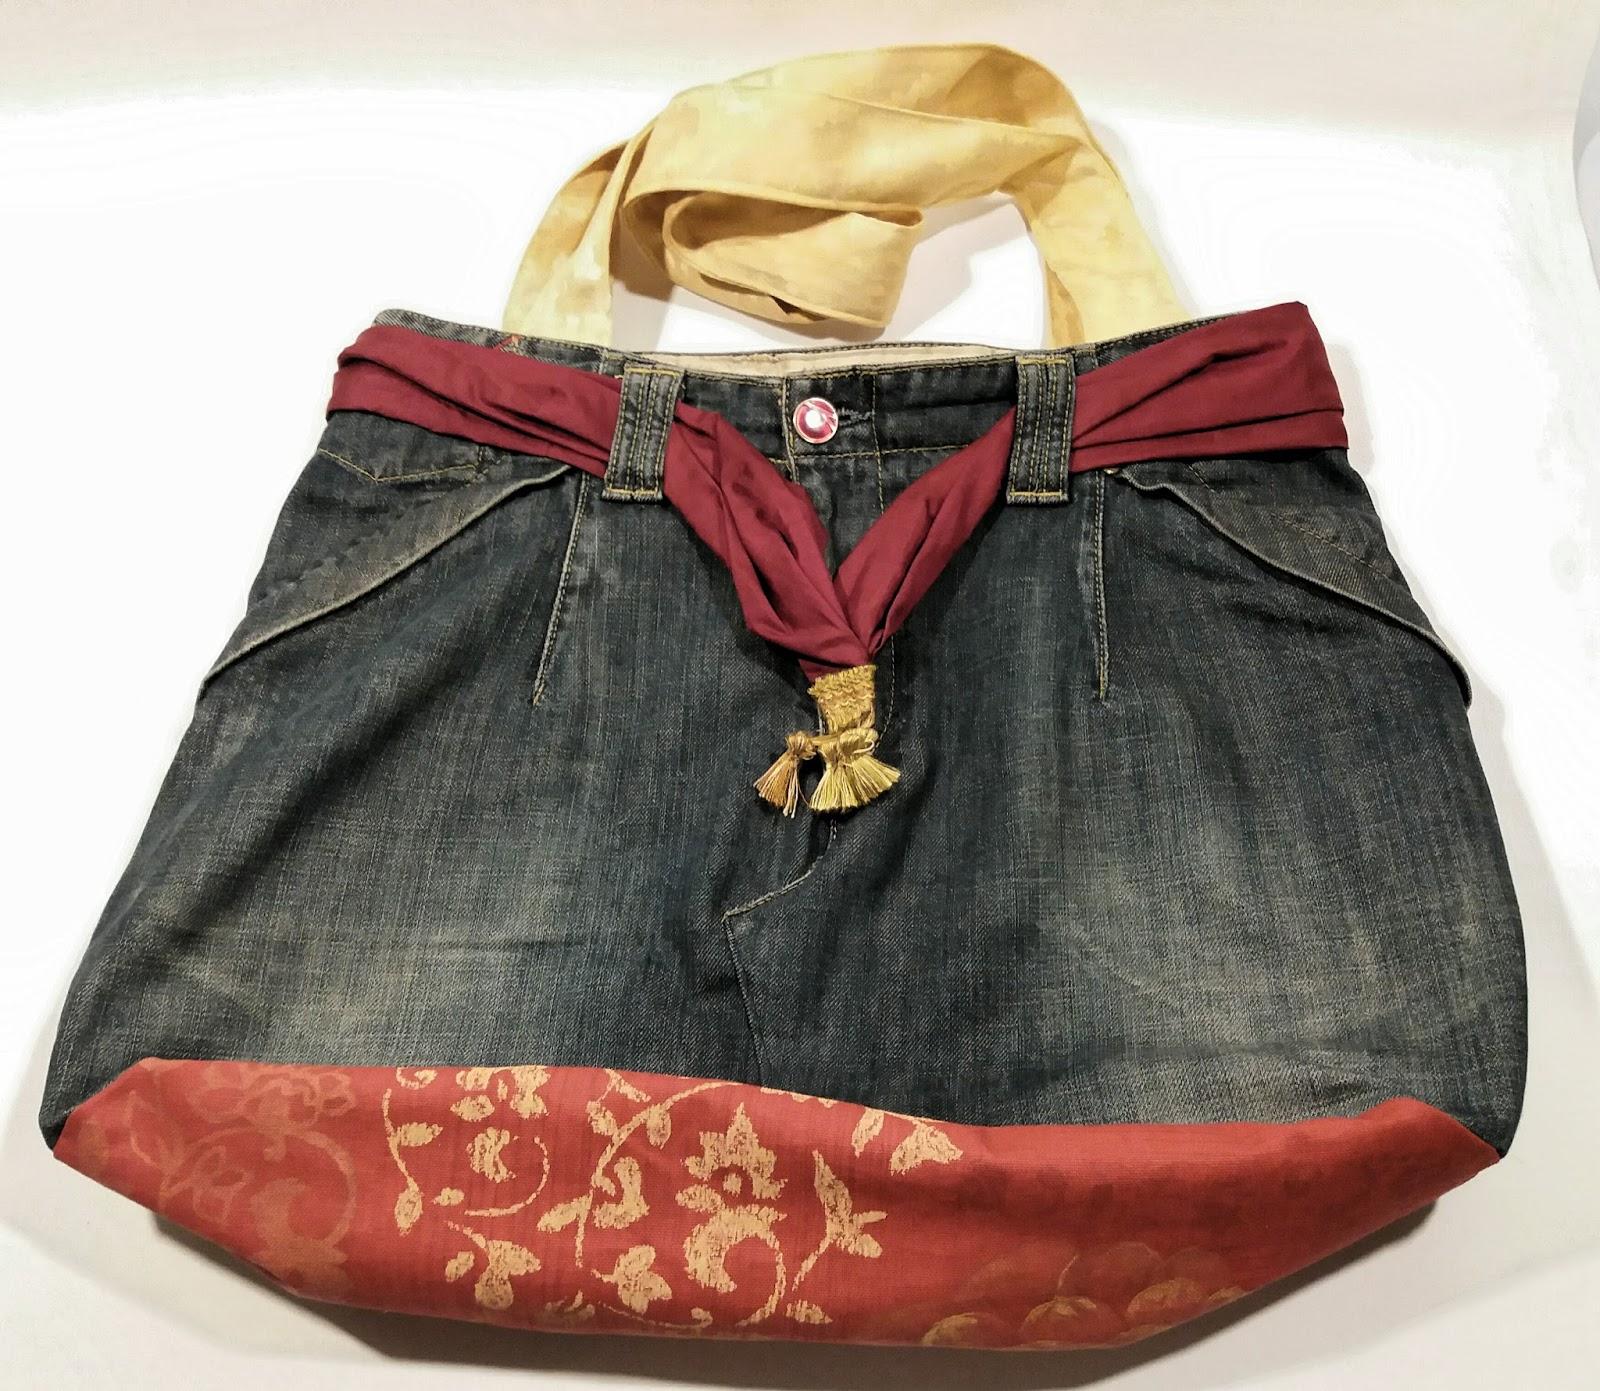 Ecoartigianato  Borse jeans fatte a mano uniche e originali